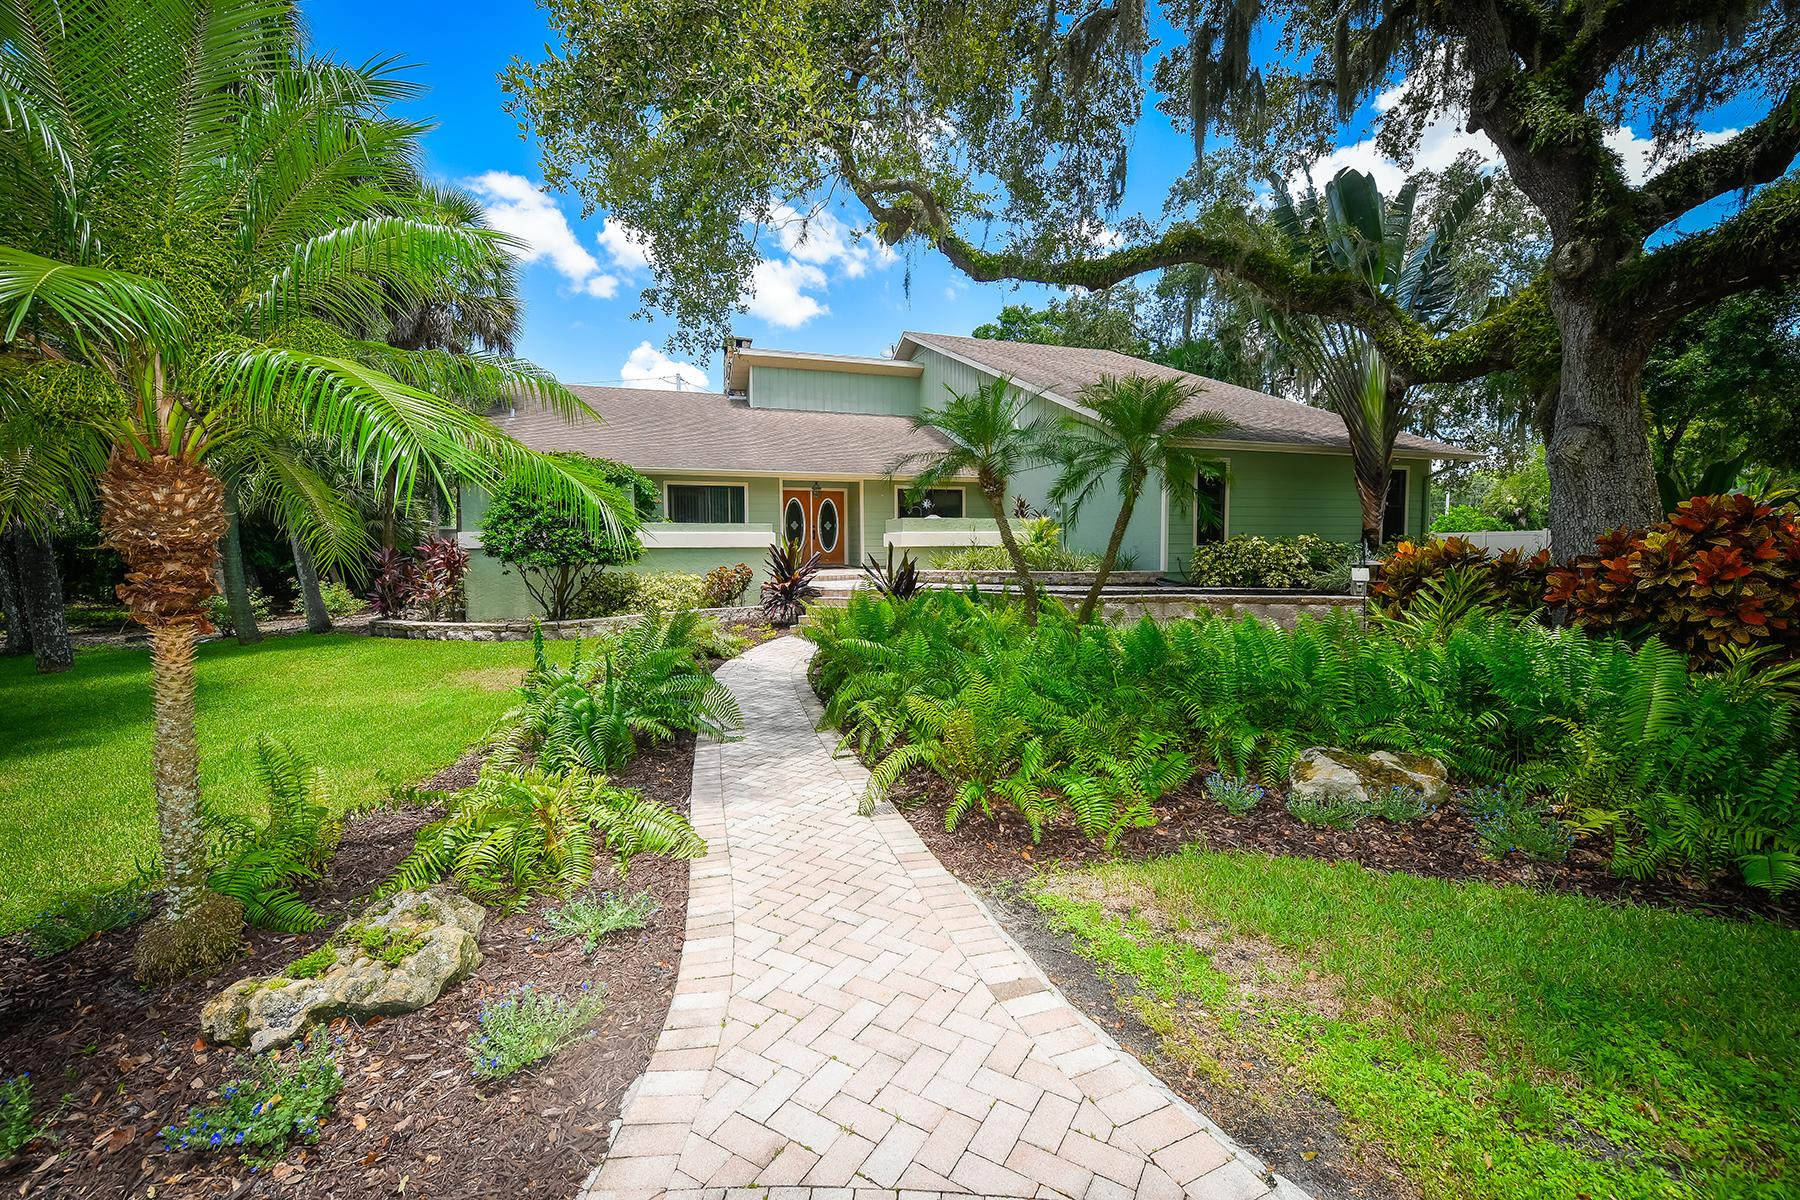 Частный односемейный дом для того Продажа на HIDDEN OAKS ESTATES 4721 Stone Ridge Trl Sarasota, Флорида, 34232 Соединенные Штаты